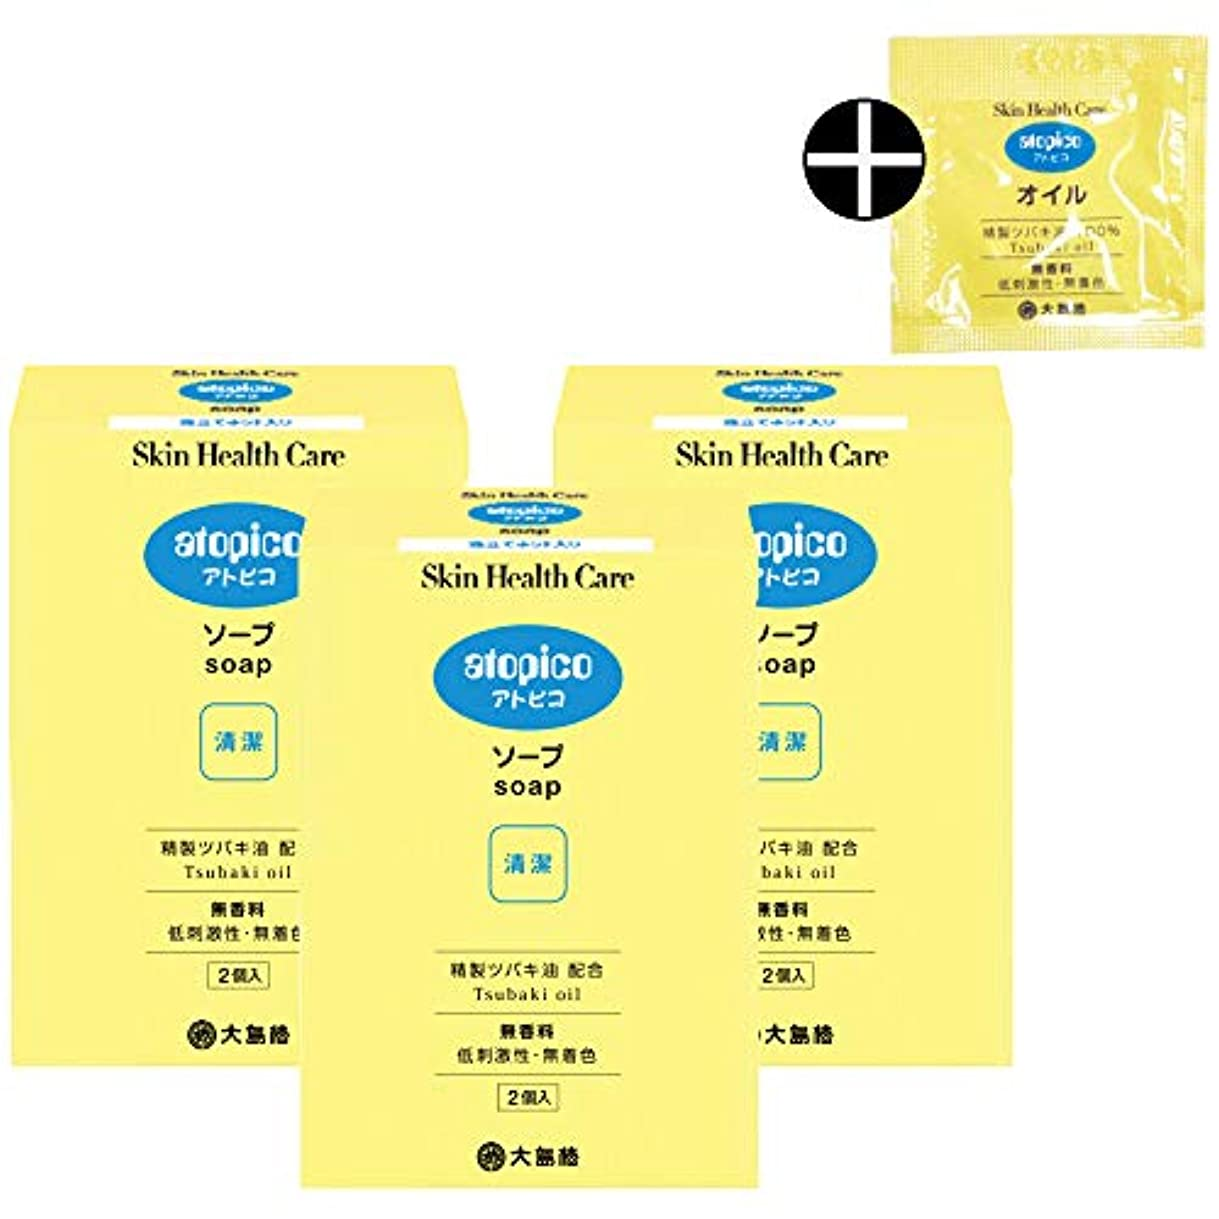 【公式】大島椿 アトピコ スキンヘルスケア ソープ 70g2個入×3箱 サンプル付セット